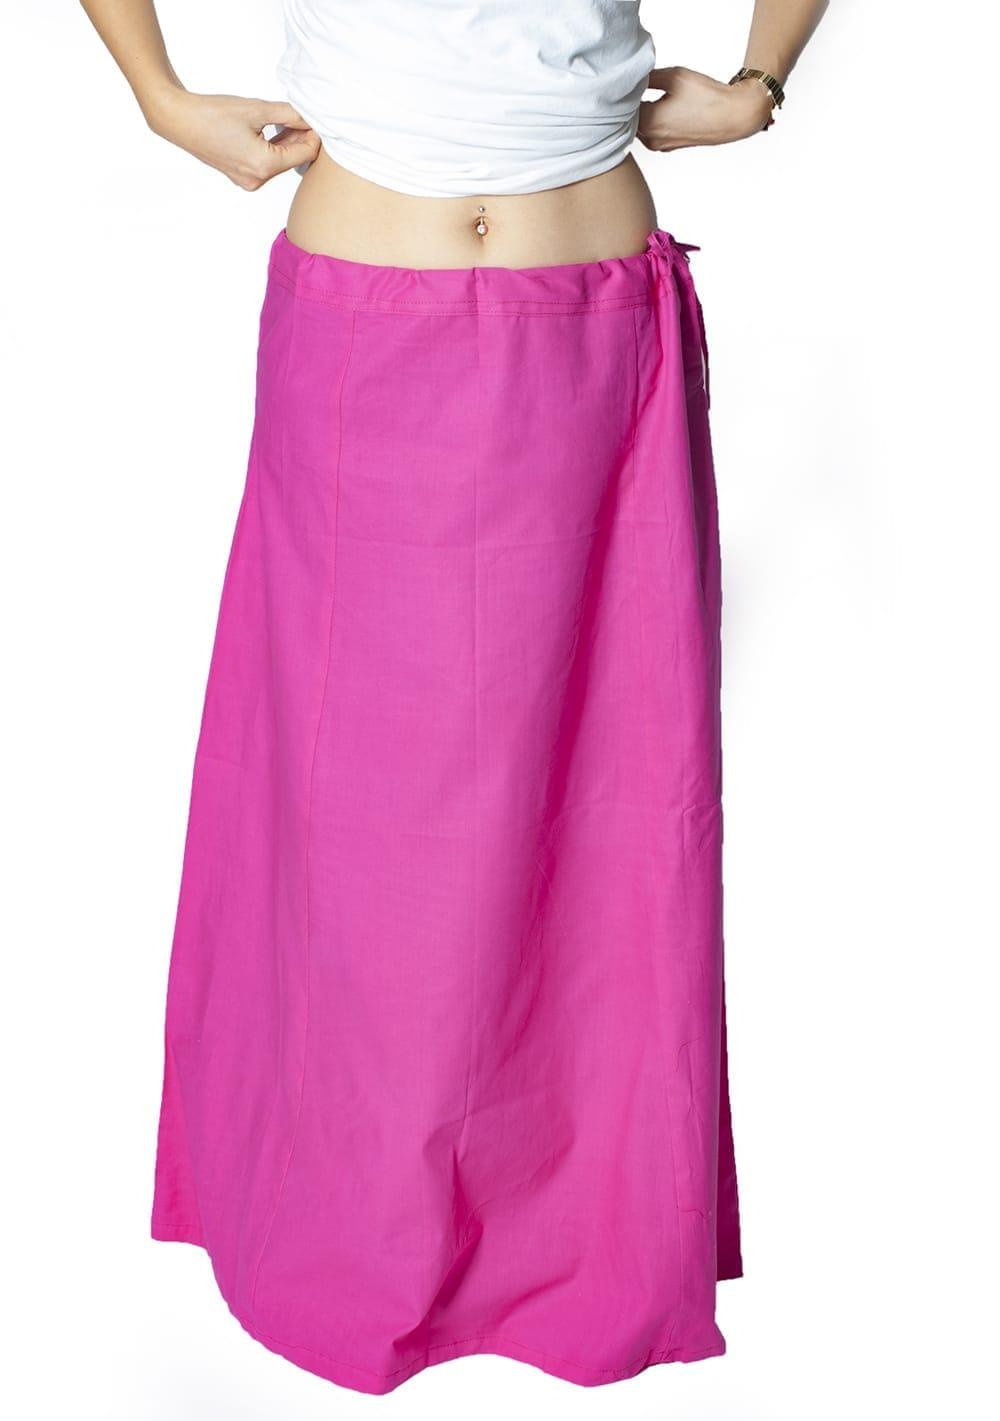 サリーの下に着るペチコート - 濃サーモン 5 - 余裕をもって長めのサイズになっていますので、たくし上げるなどして調整してください。